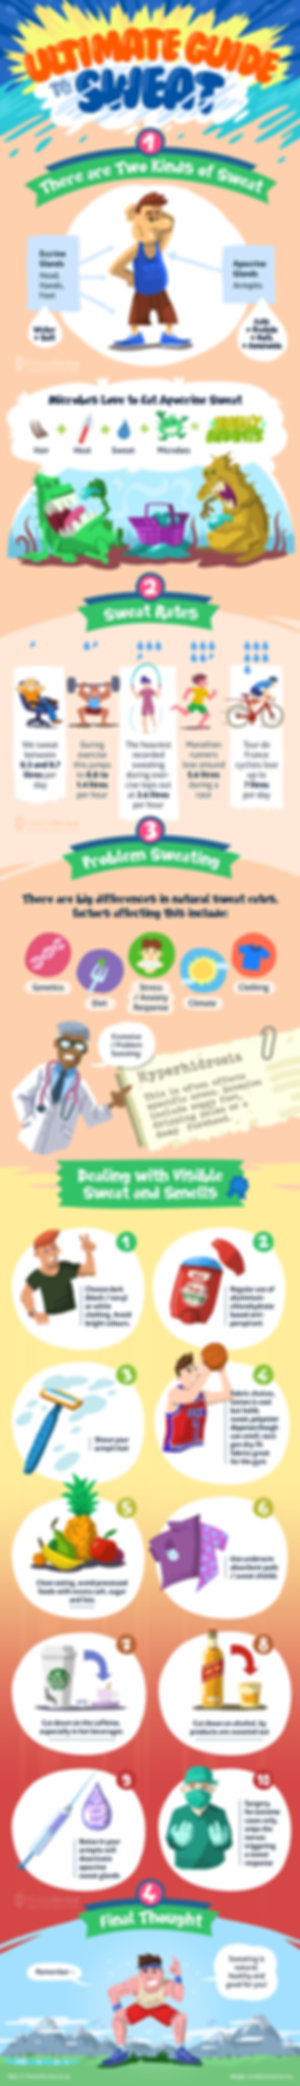 ultimate guide to sweat, izzadás, infografika, fitnessreview, Szőke-Kiss Márton, szabadúszó, illusztrátor, grafikus, budapest, békéscsaba